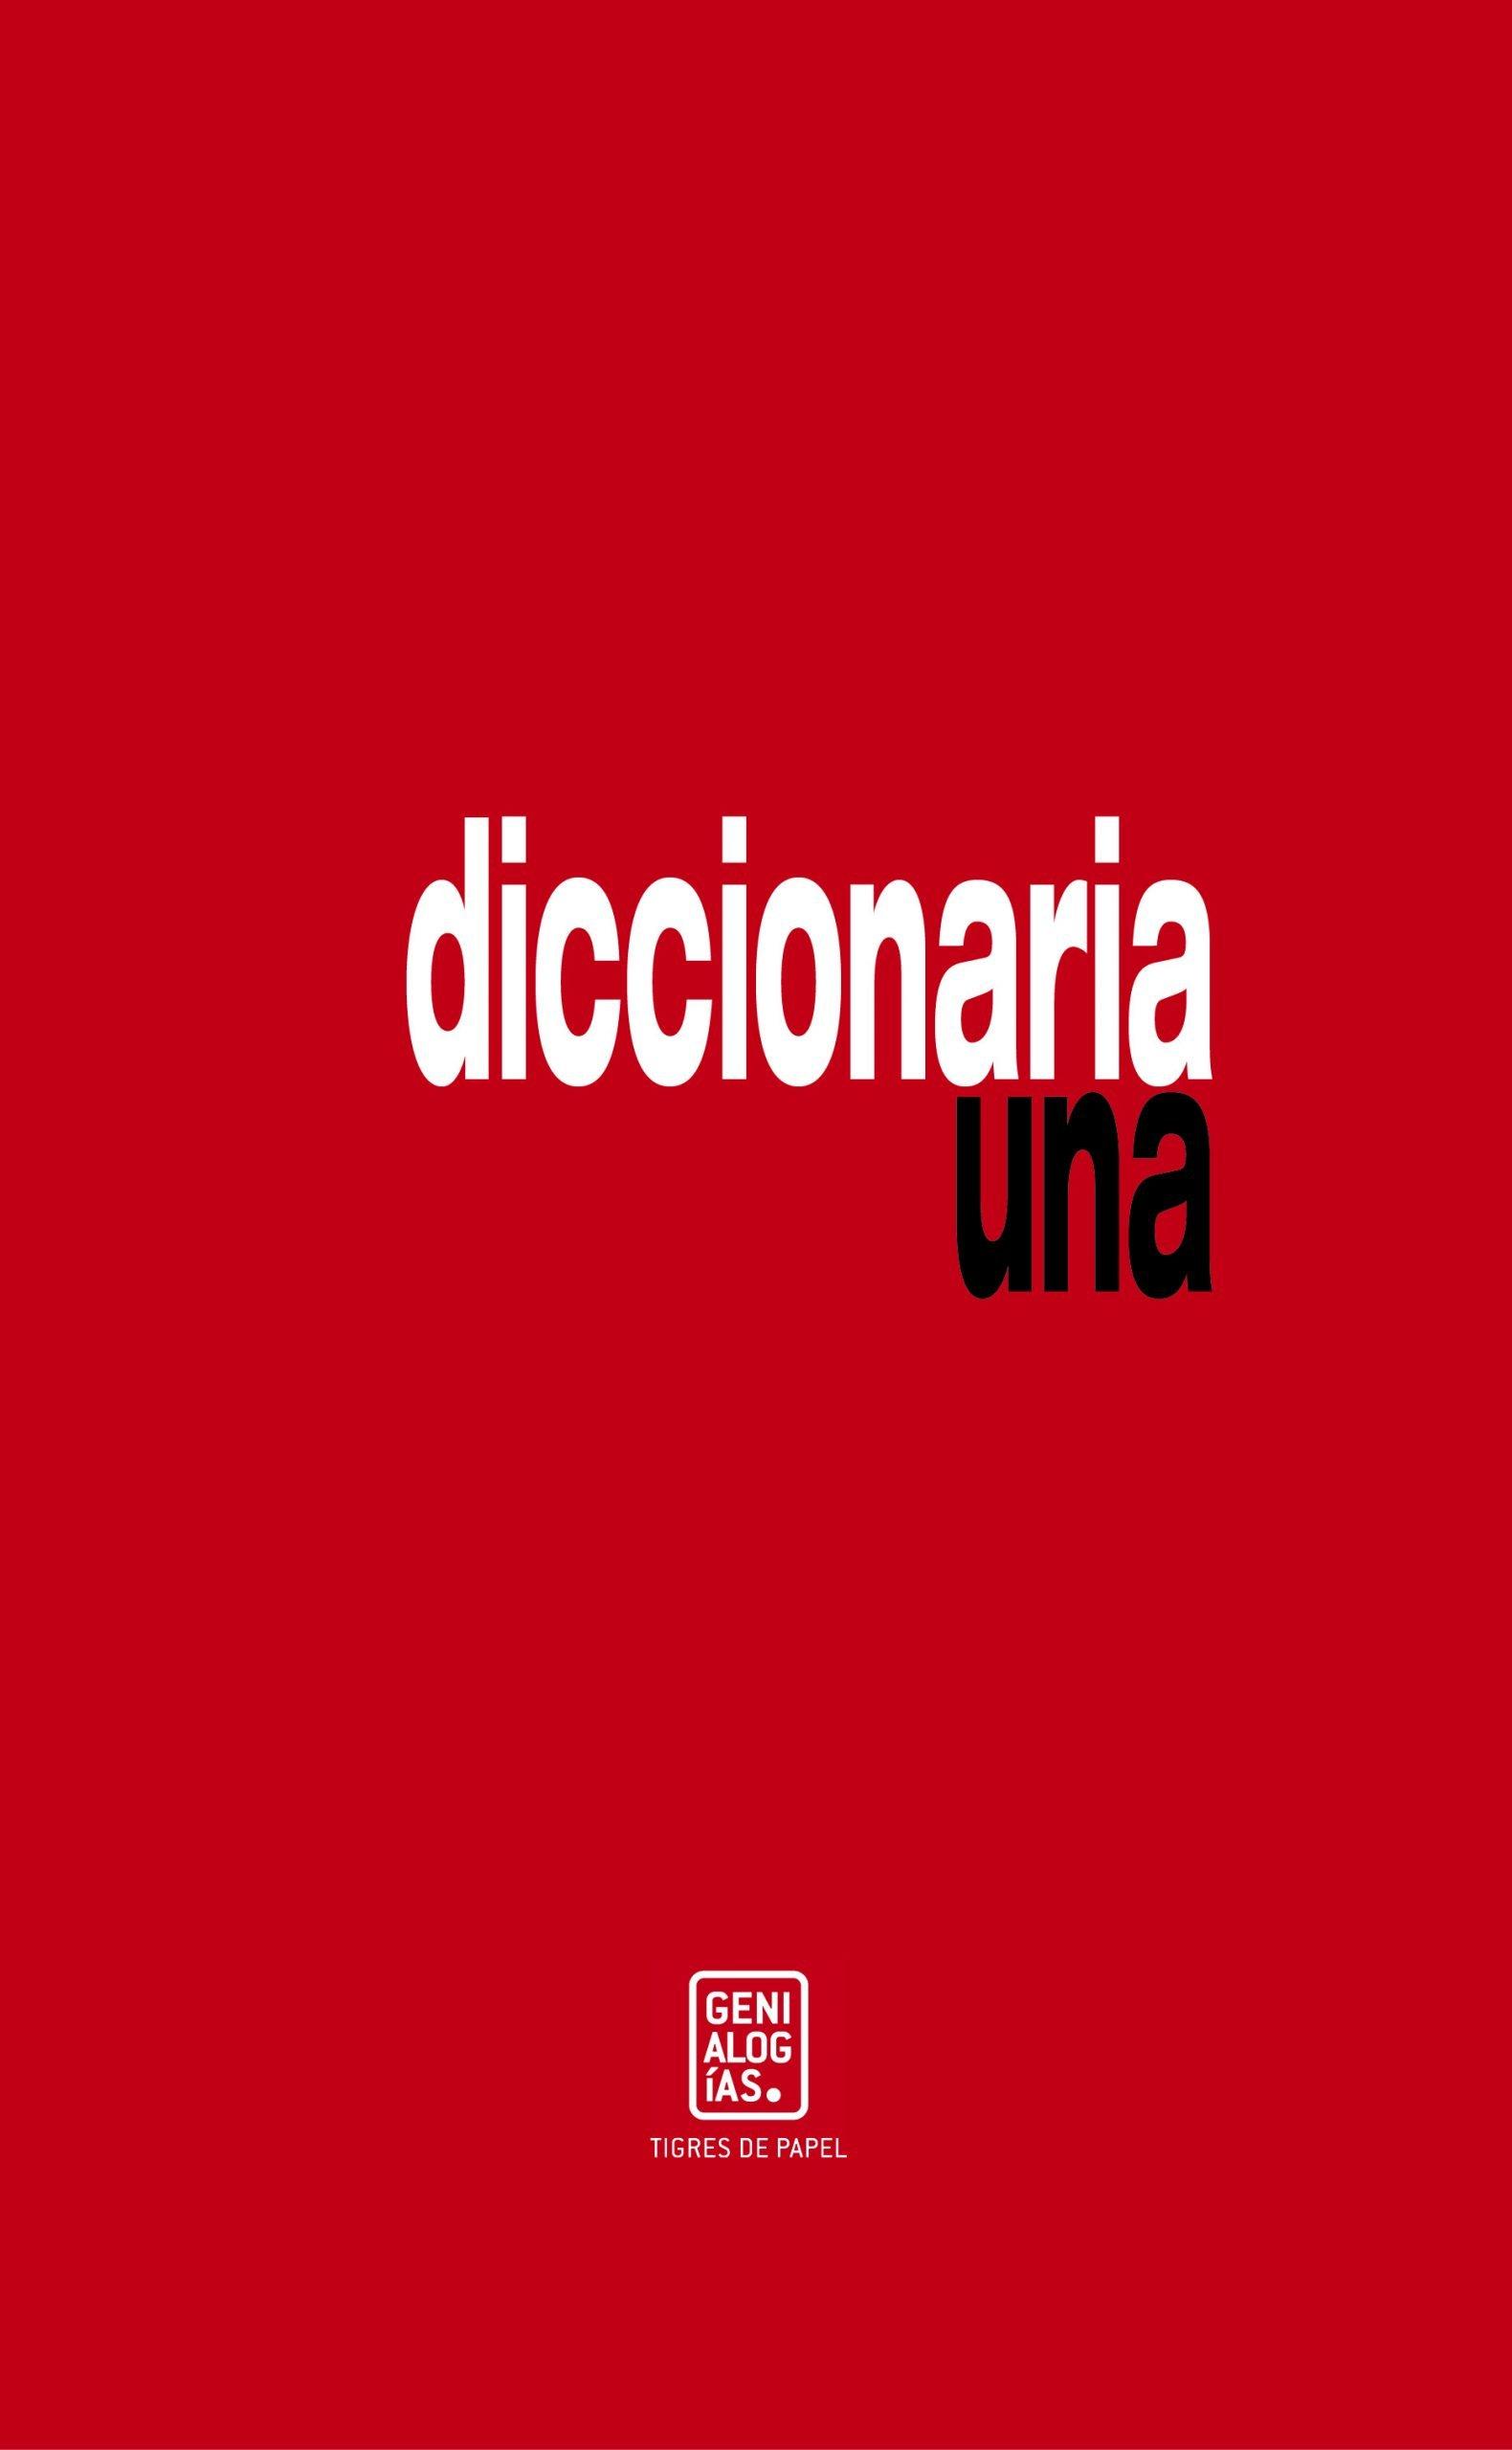 Diccionaria cubierta